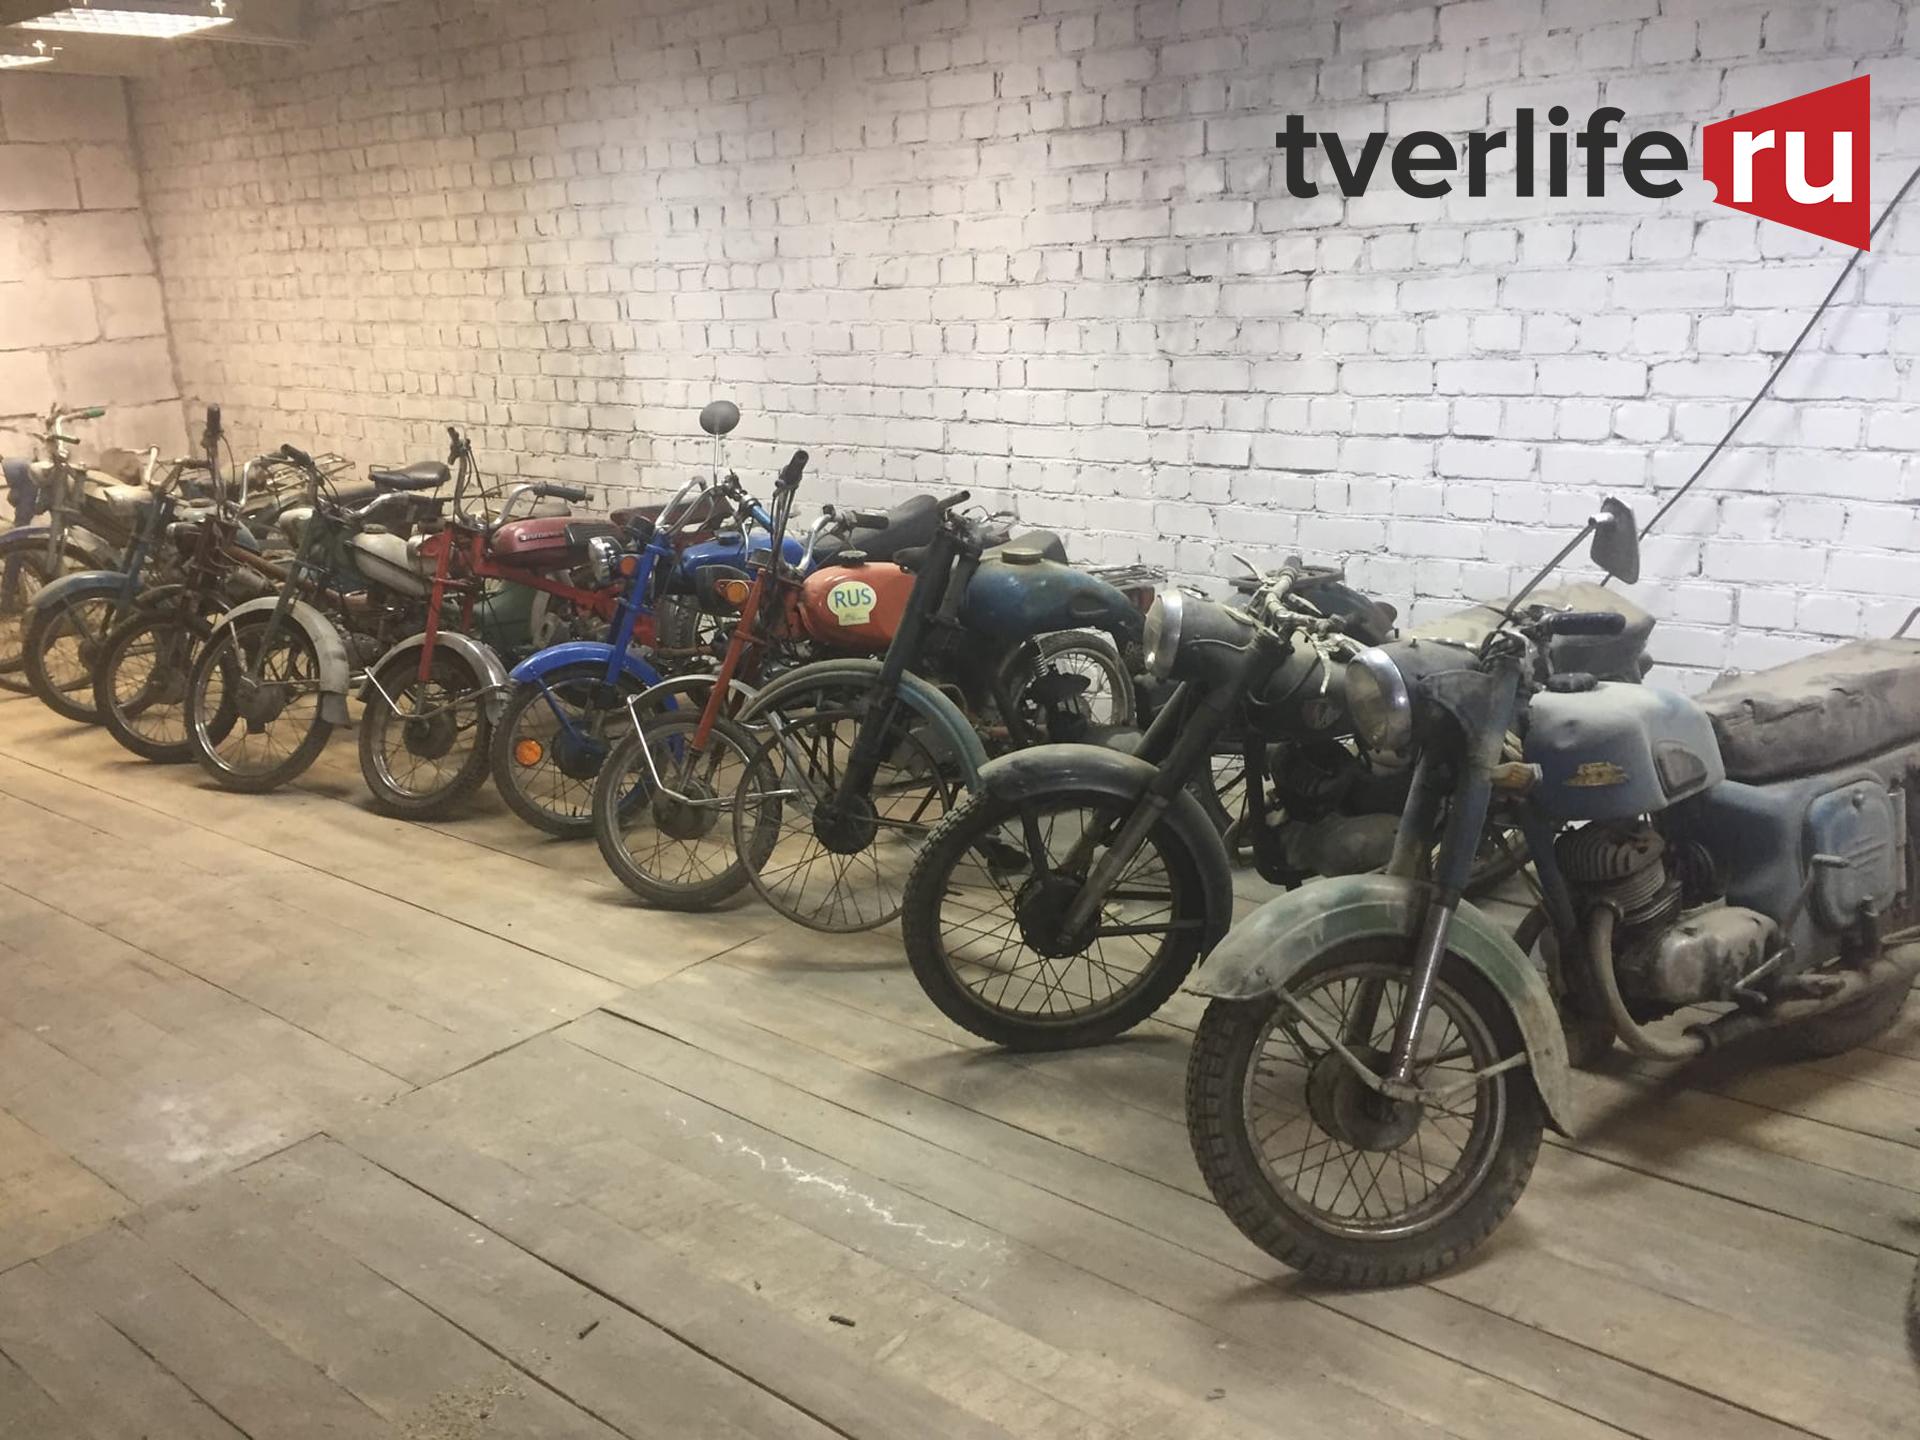 Самый большой музей мототехники готовится к открытию в Тверской области